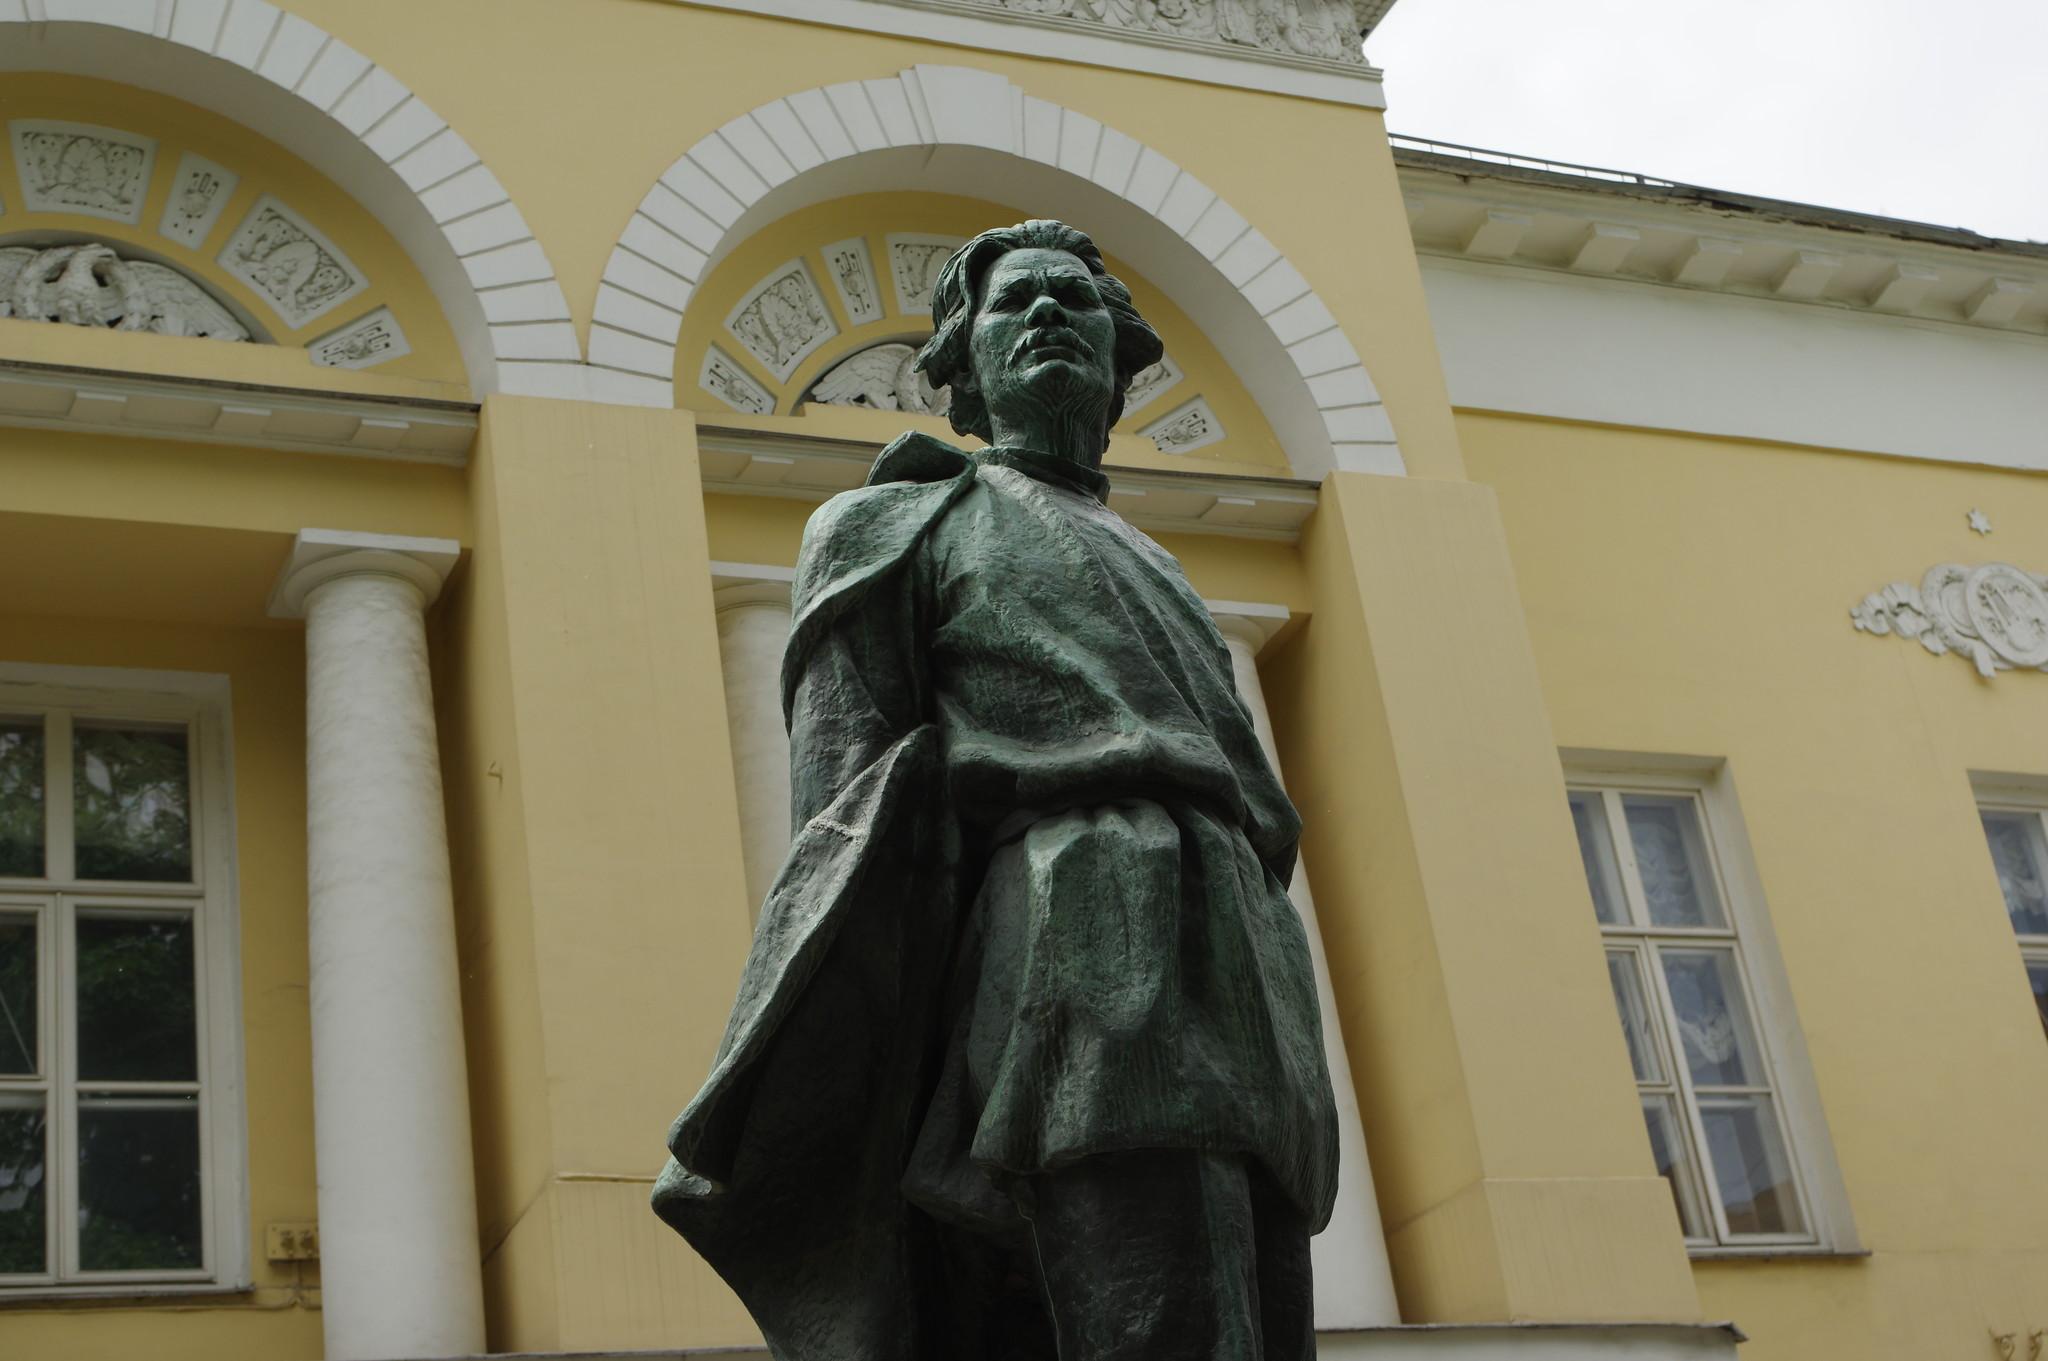 Памятник Максиму Горькому в Москве был открыт на территории бывшей усадьбы Гагариных 11 января 1956 года